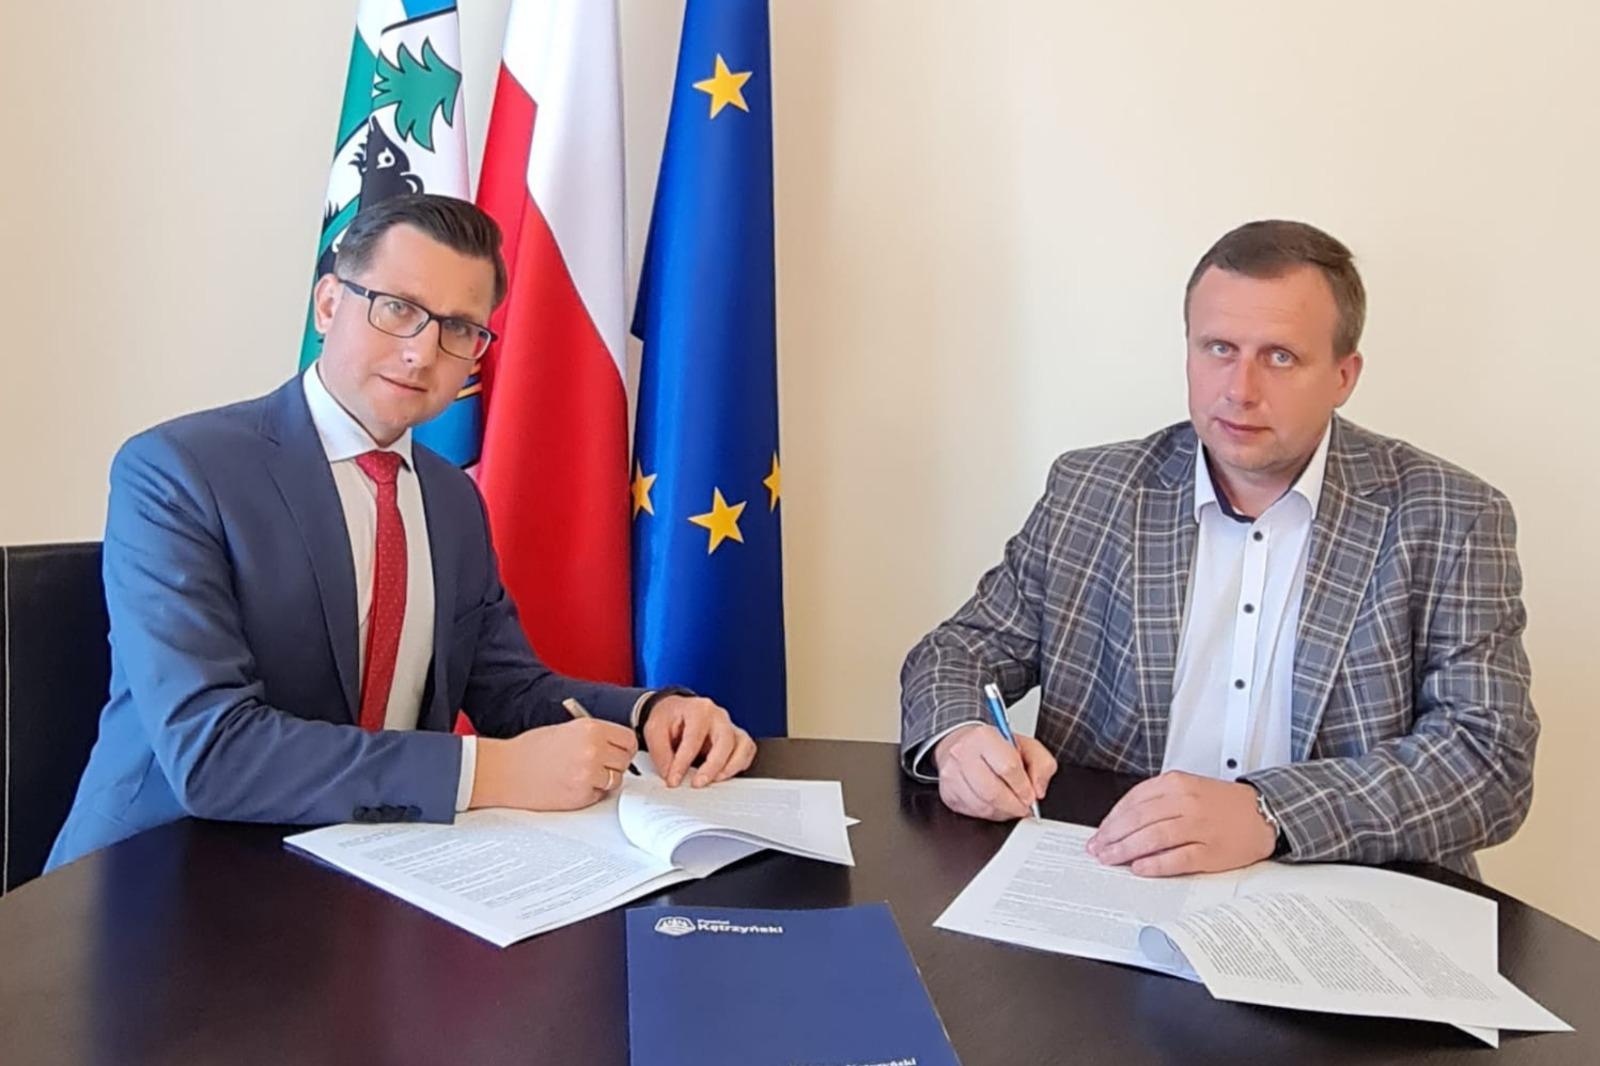 Zdjęcie przedstawia starostę kętrzyńskiego Michała Kochanowskiego oraz wicestarostę Andrzeja Lewandowskiego